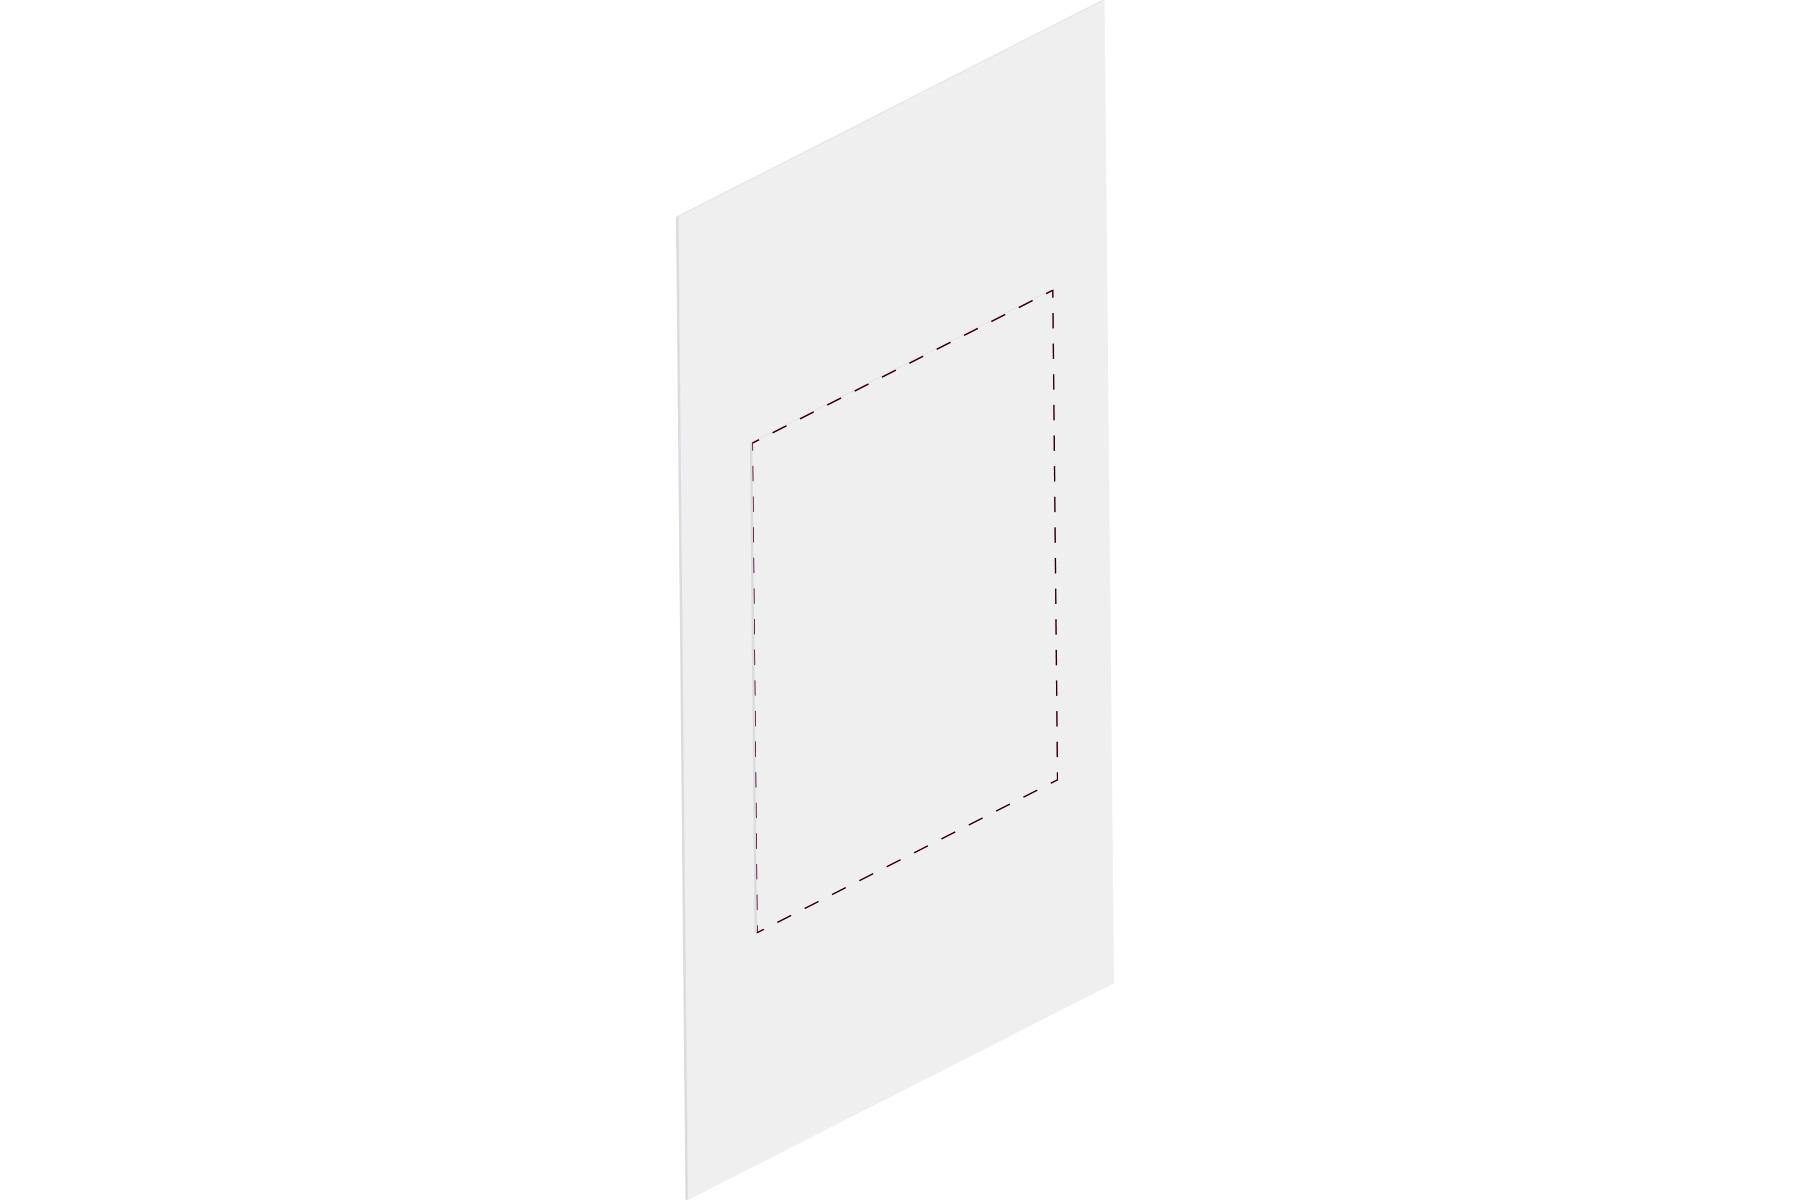 weißes Blatt mit Perforation passend für Türschilder